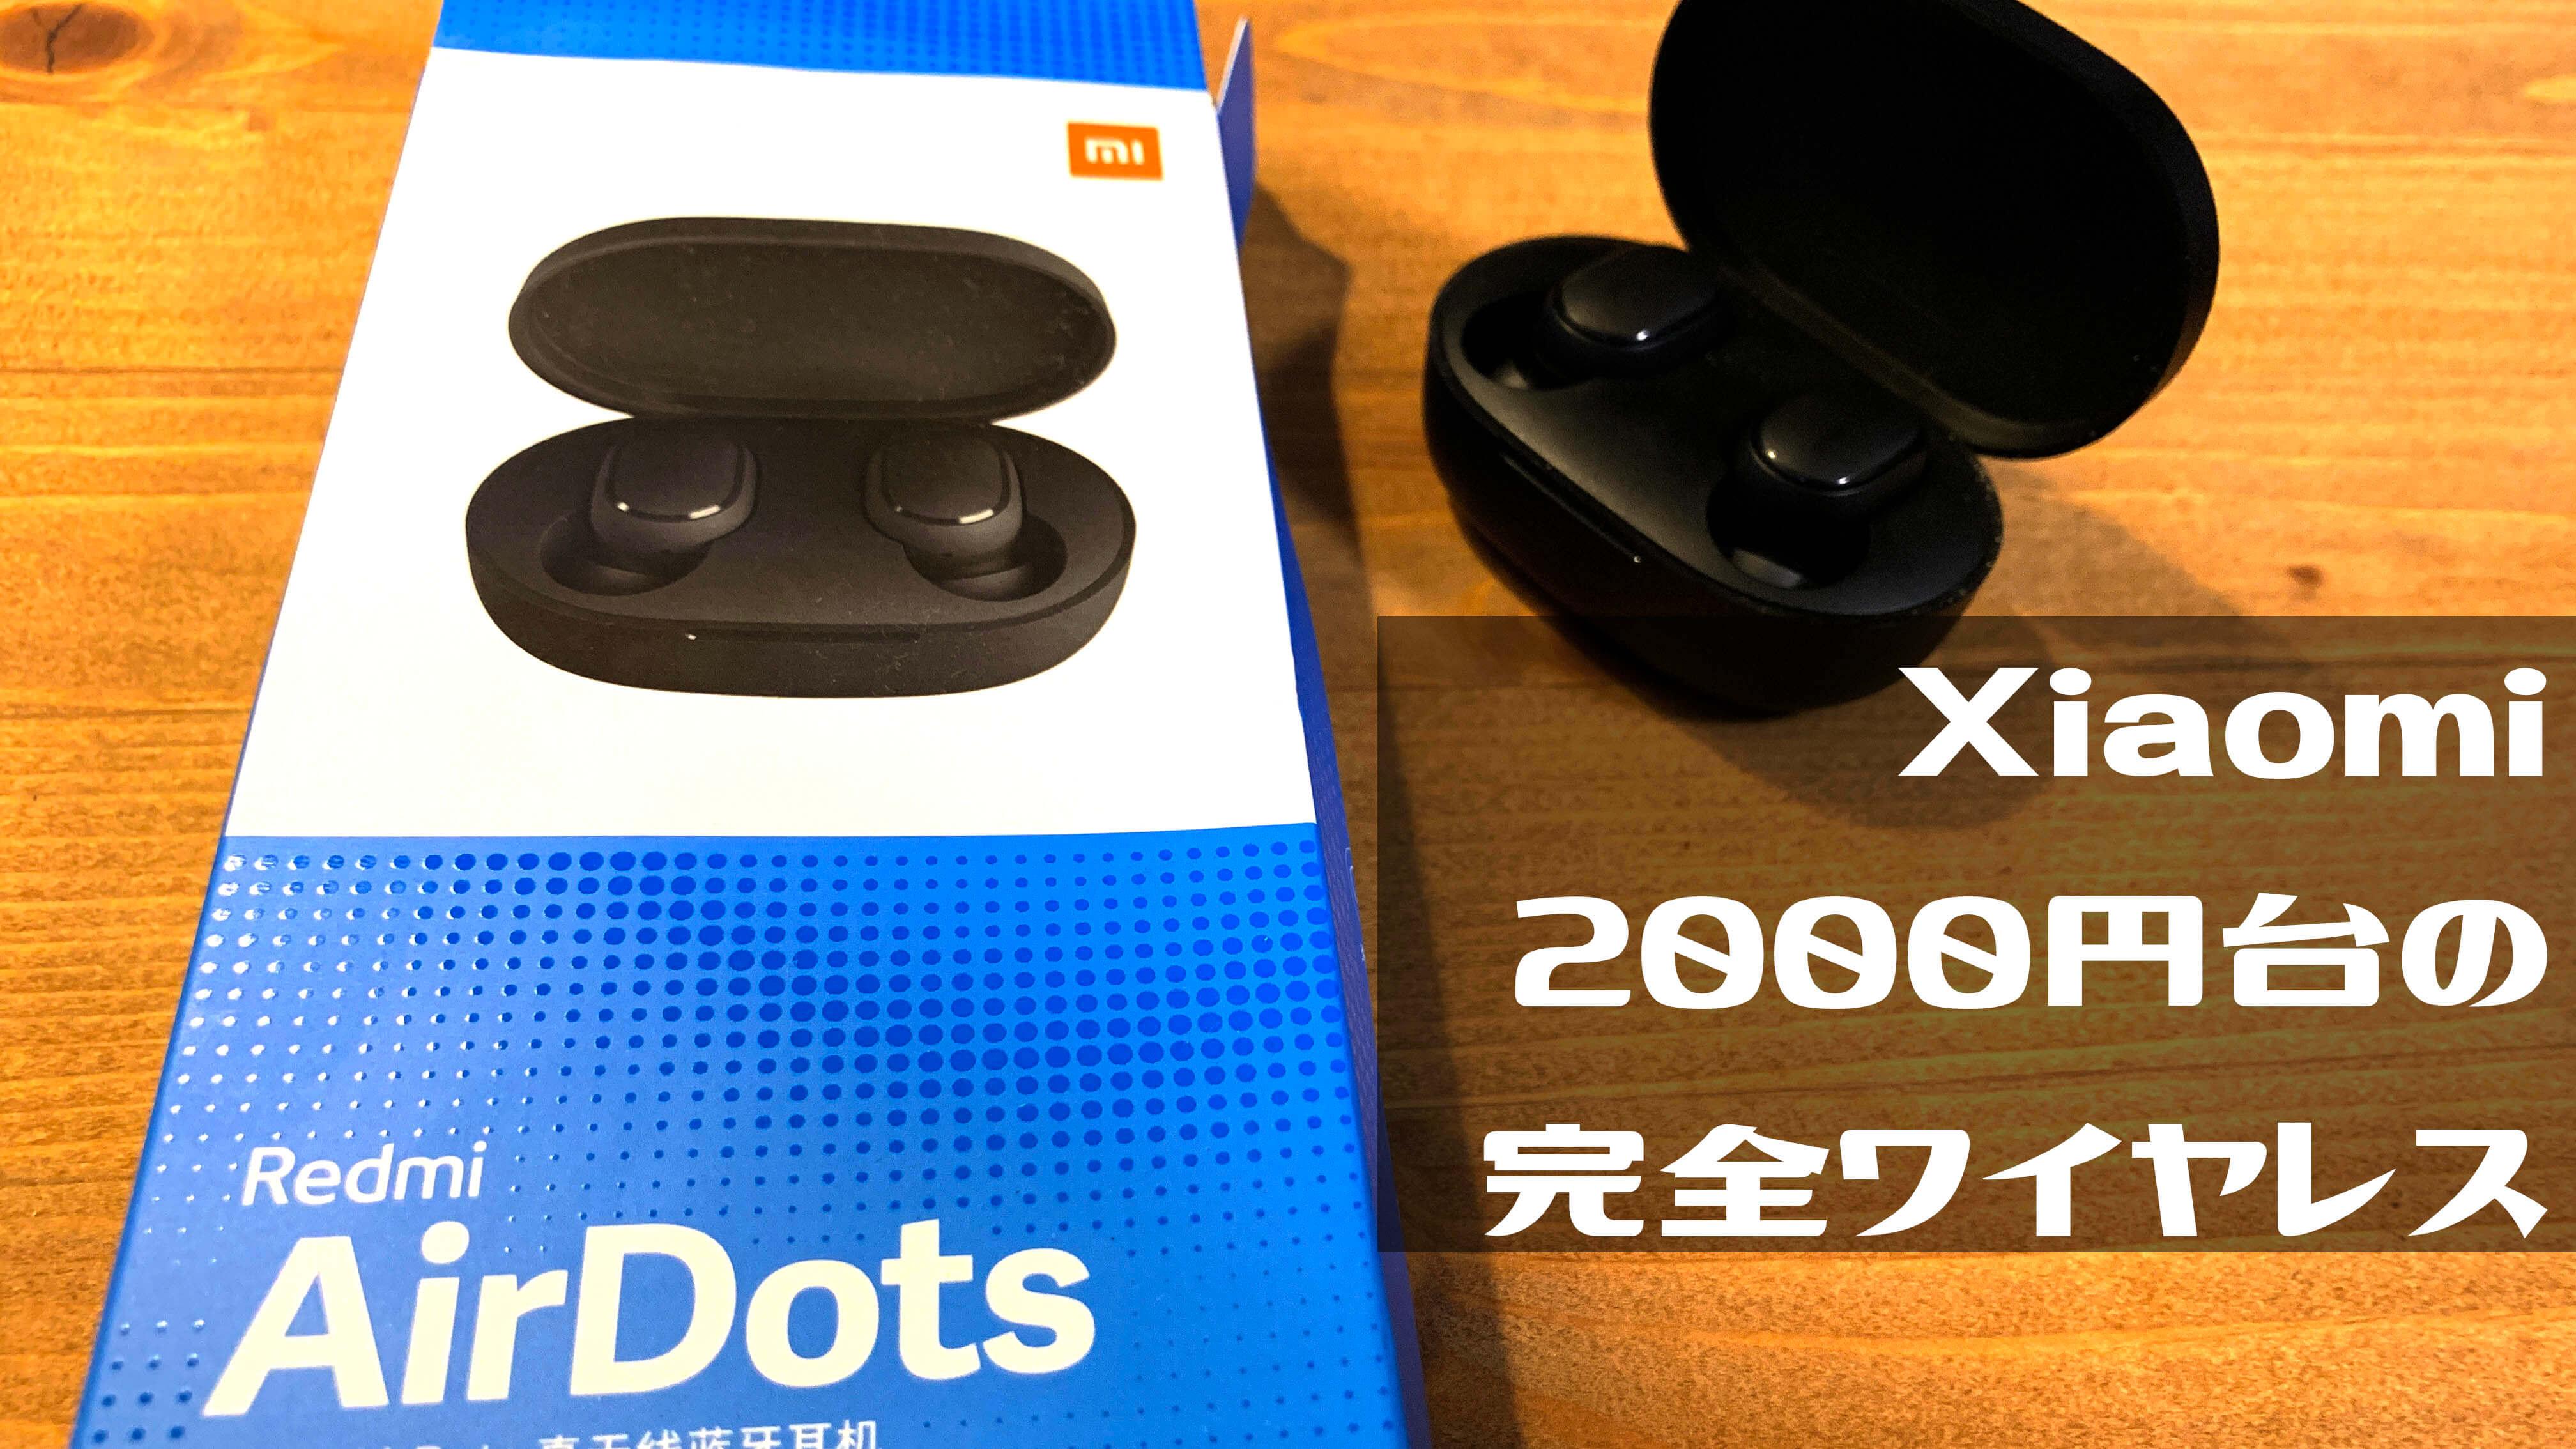 2,000円台の完全ワイヤレスイヤホン。Xiaomi Redmi AirDotsレビュー